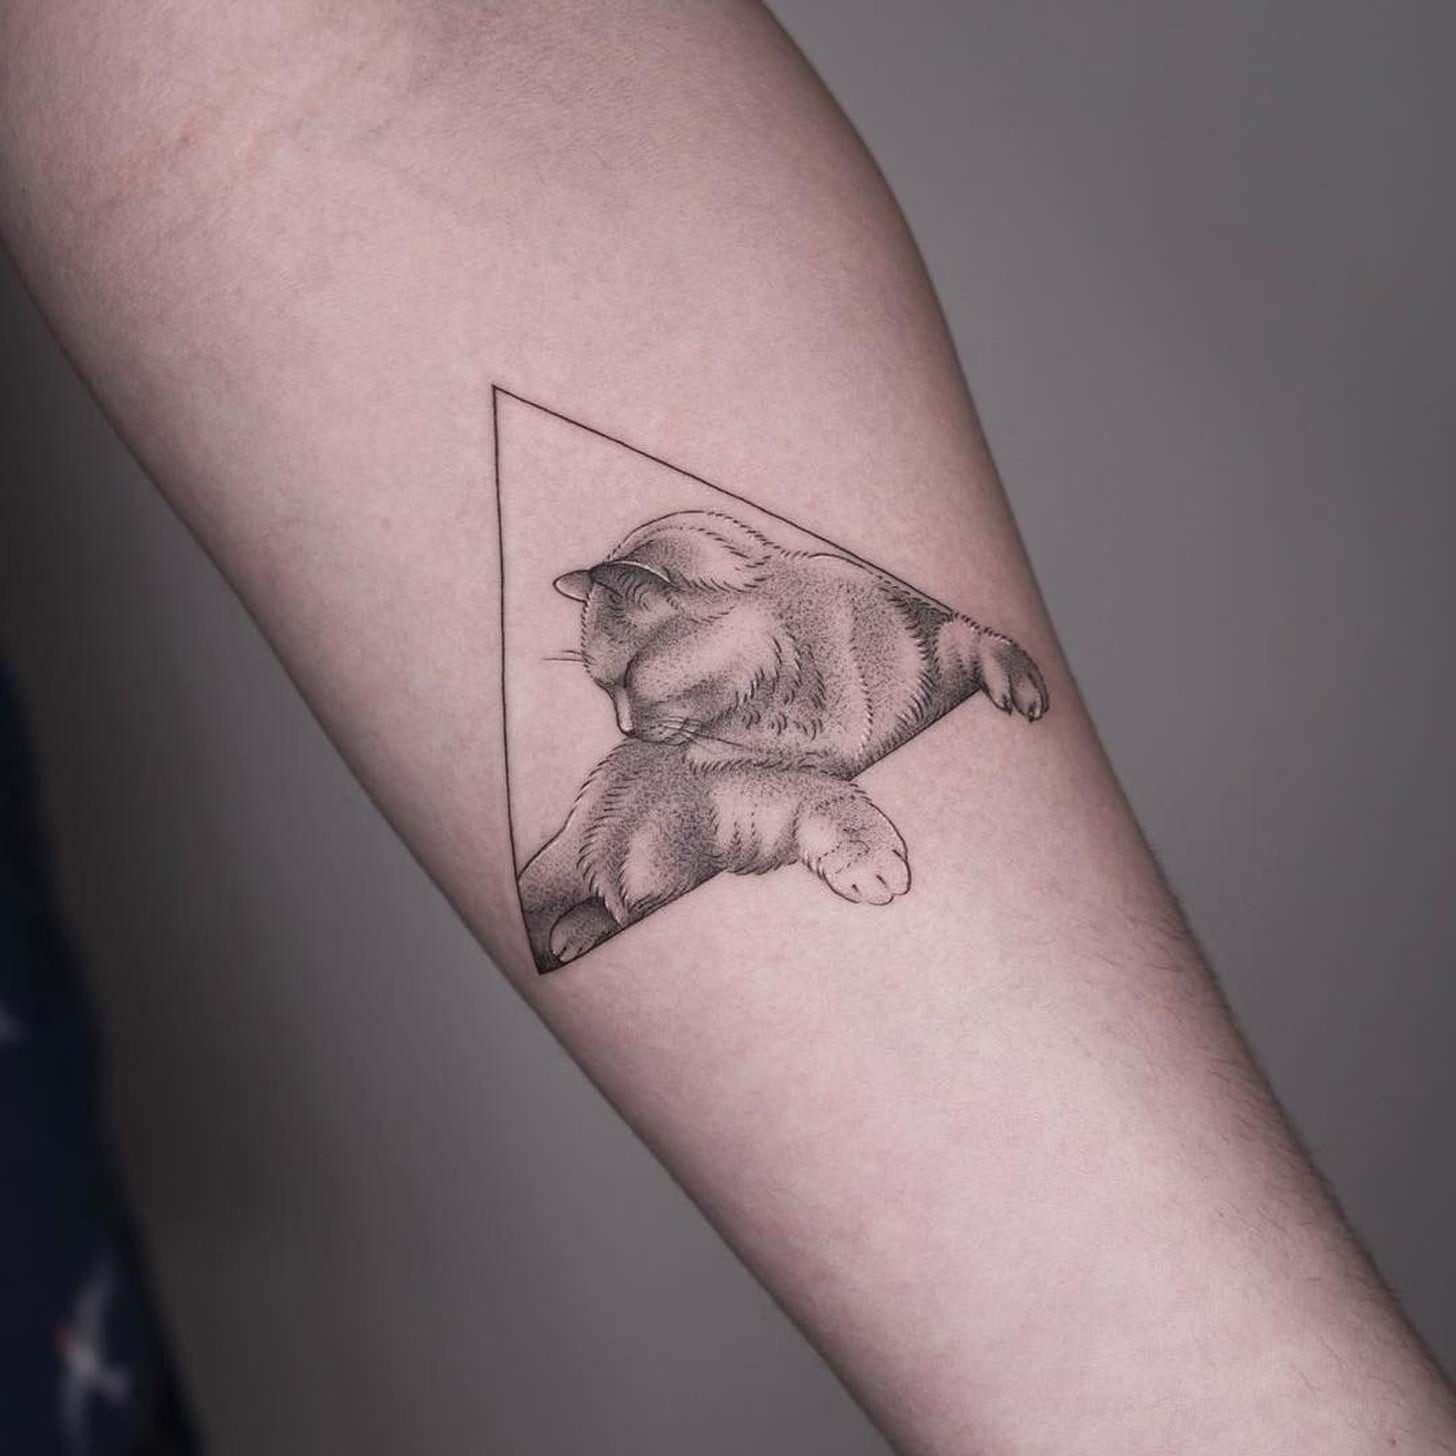 Tatuagem de animais: gato no braço